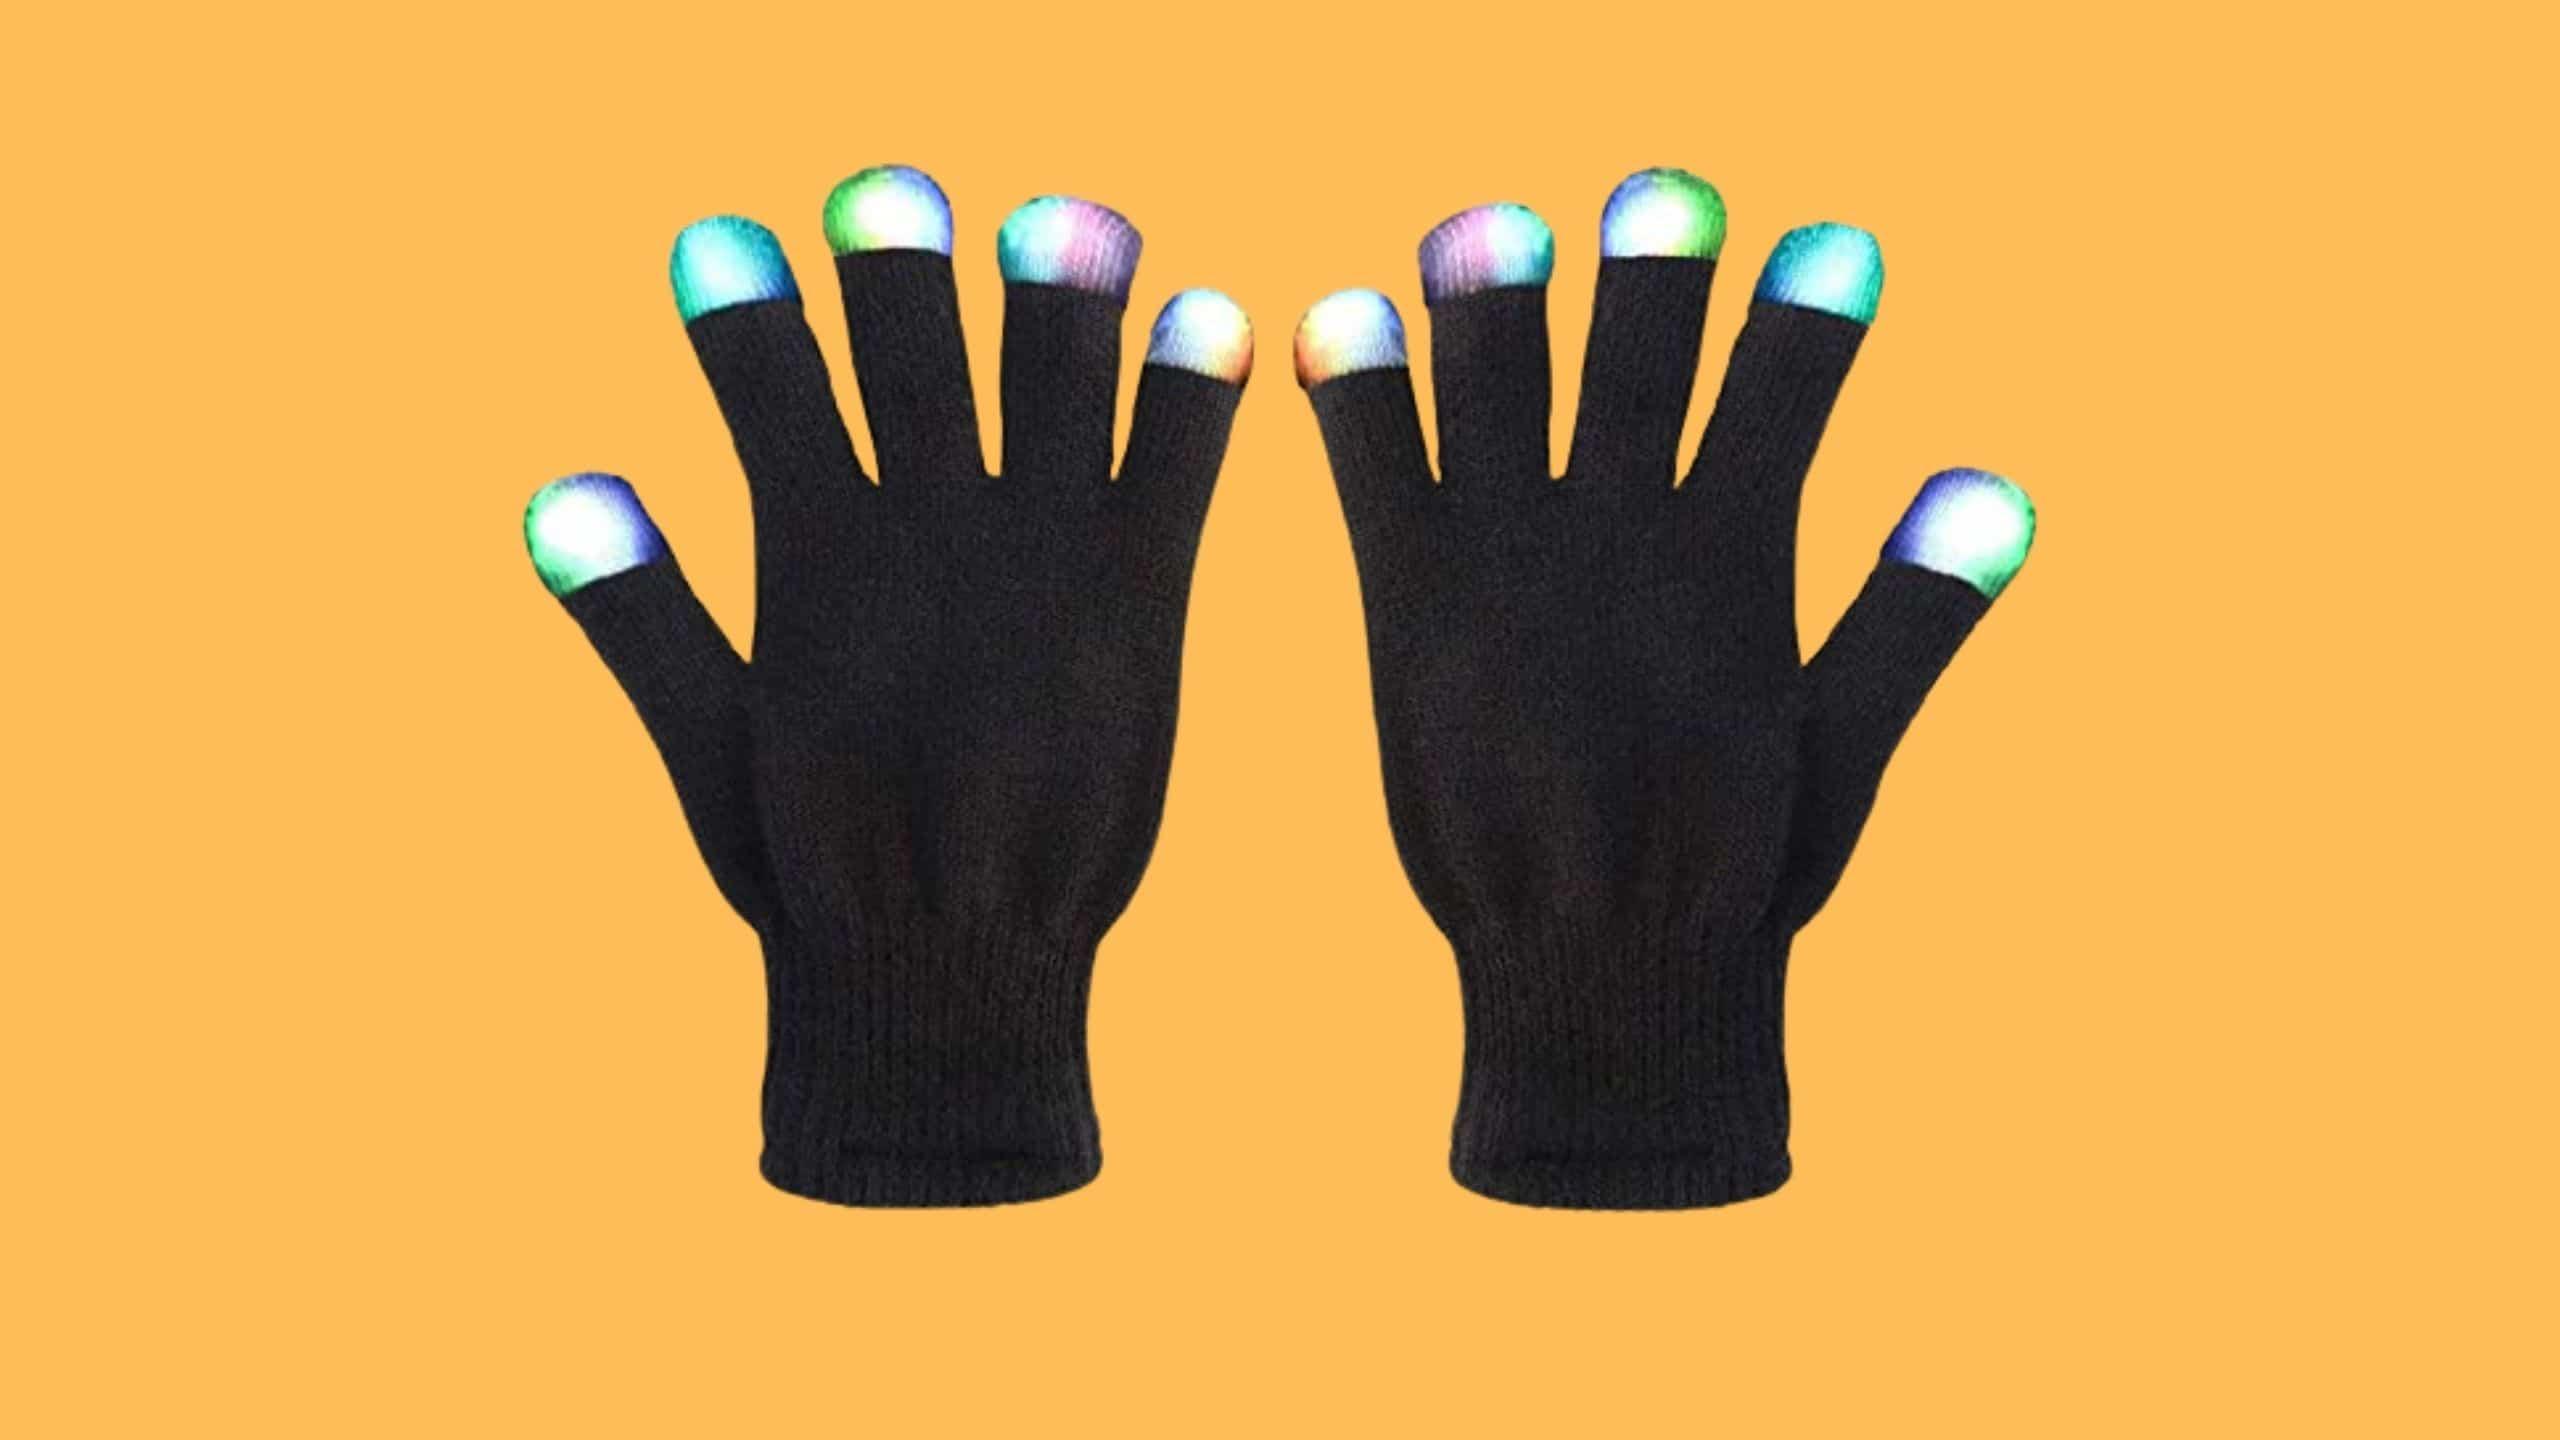 MUCH LED Gloves for Festivals and Raves